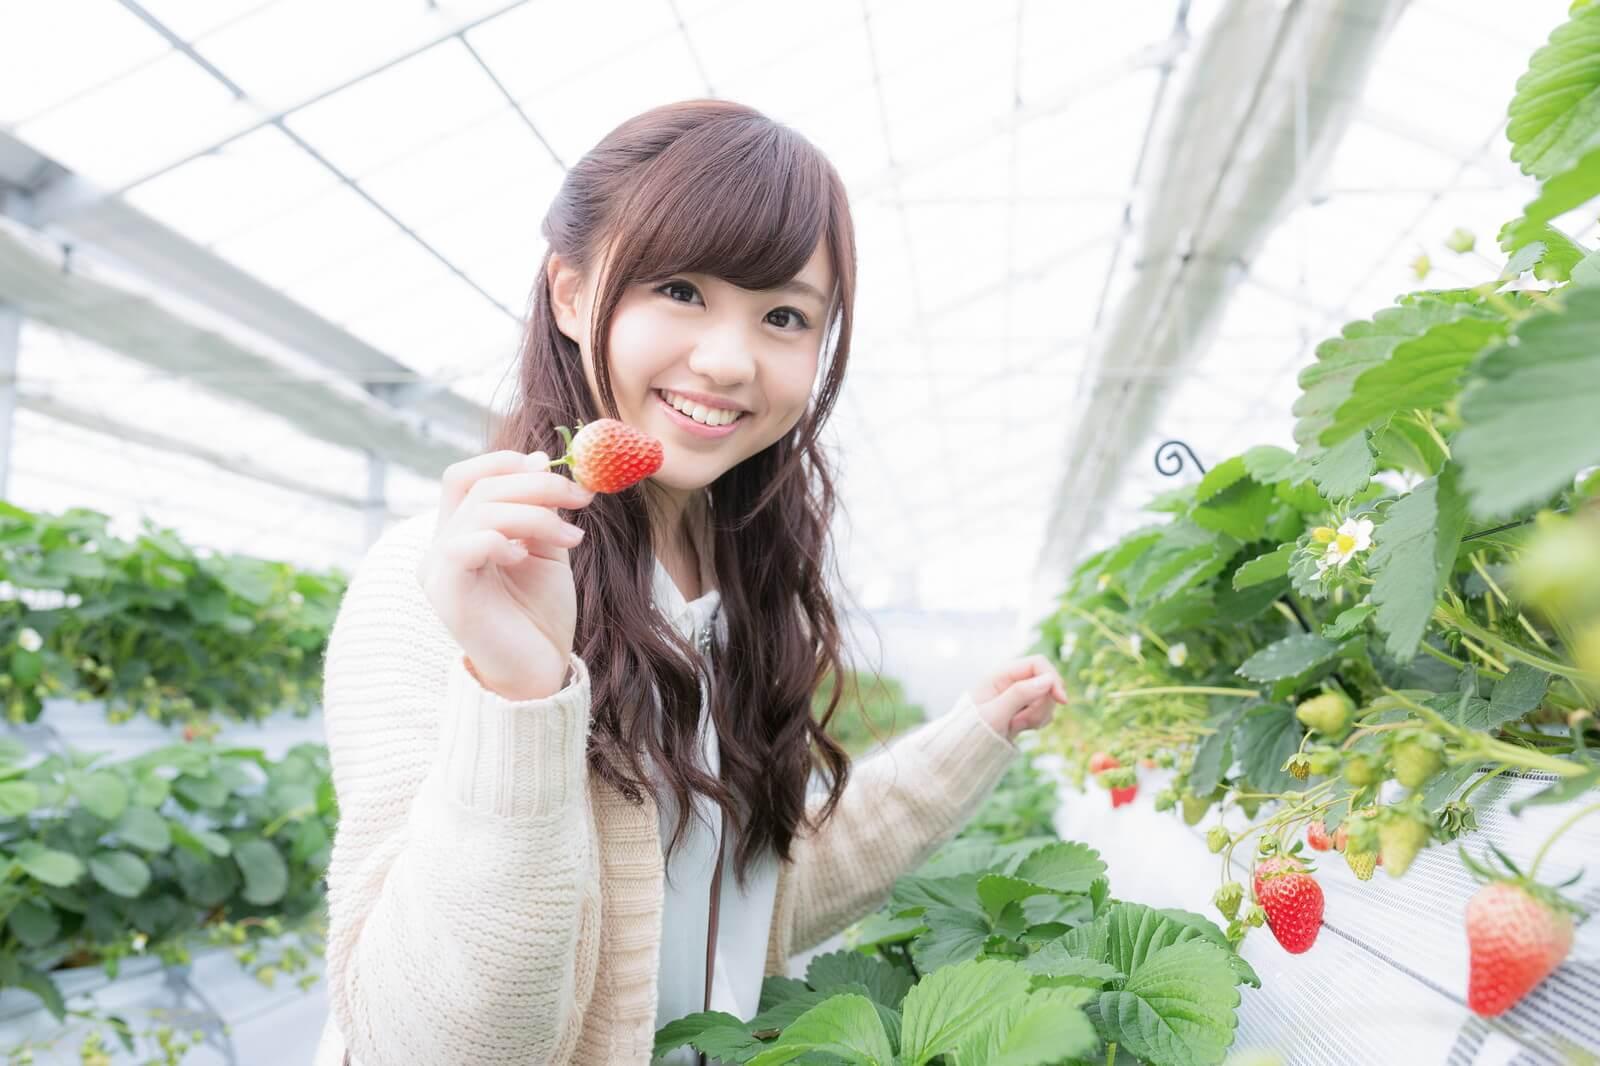 レンタル彼女TOKYOのアルバイト・求人情報